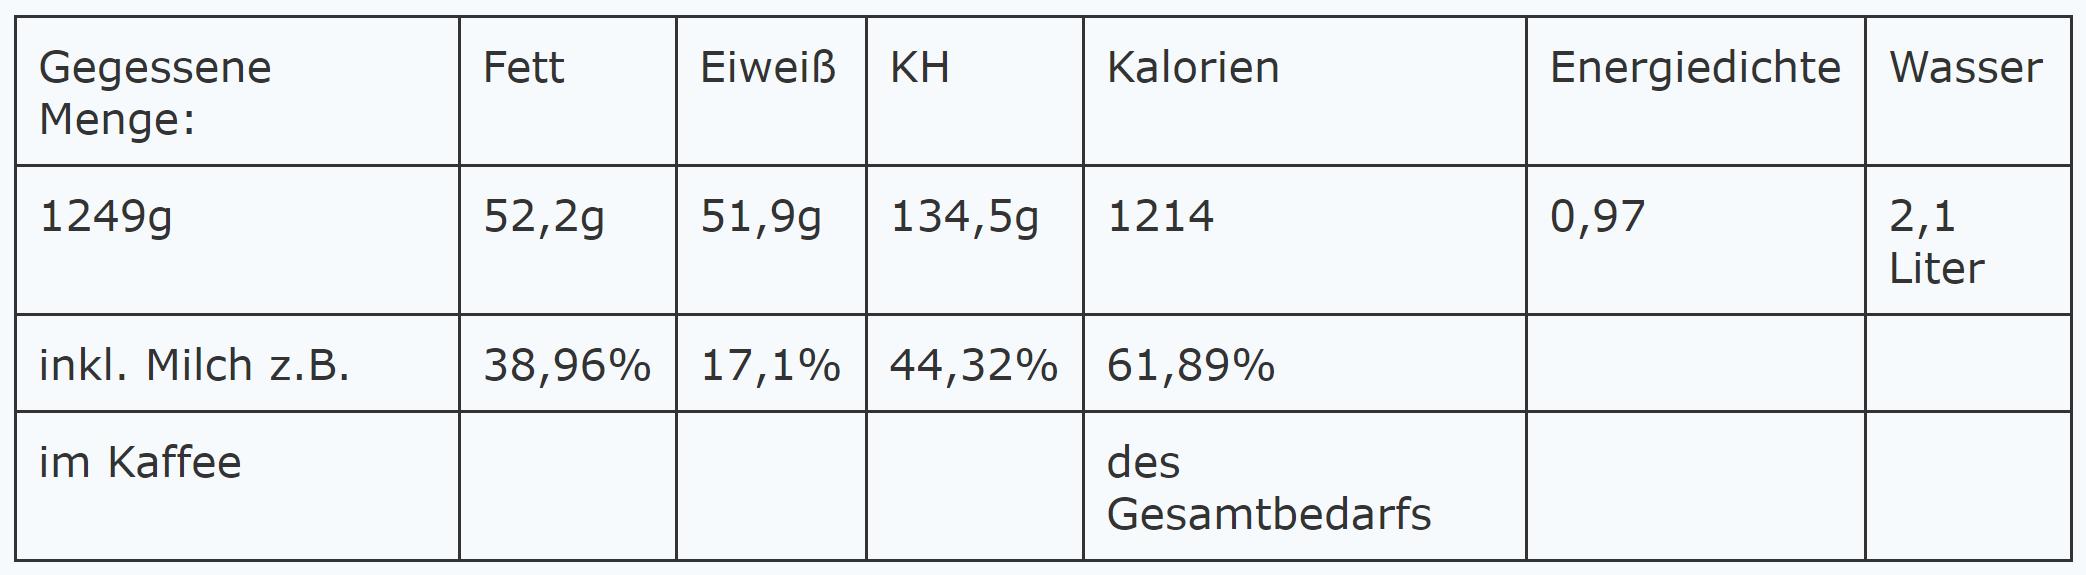 2019-02-27 Statistik.PNG